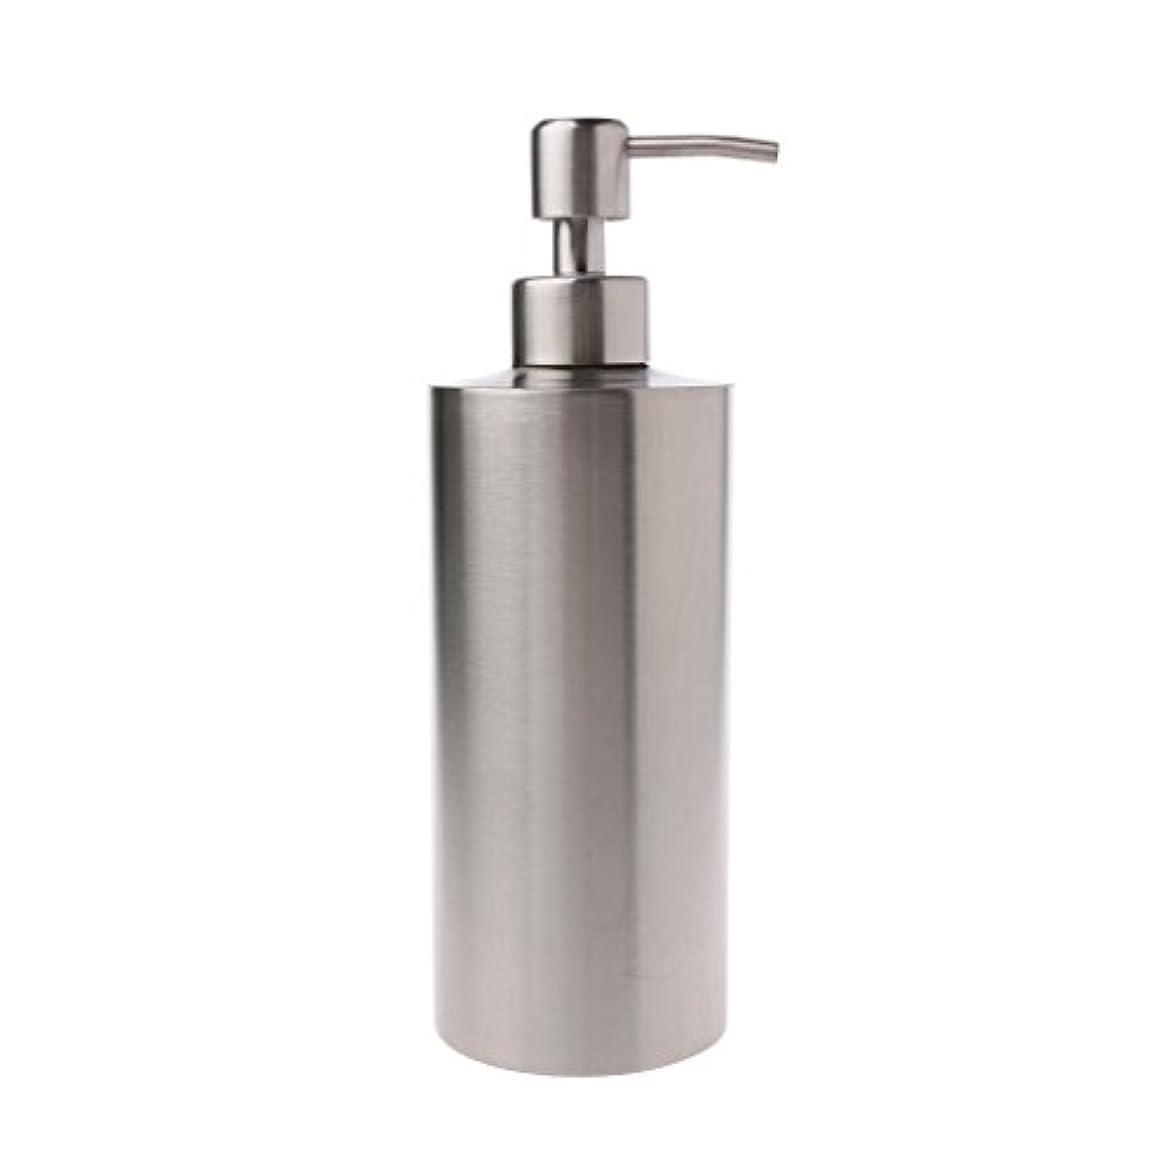 勝つ大理石更新Lamdoo 304ステンレス鋼ポンプ液体石鹸ローションディスペンサーボトルキッチンバスルーム